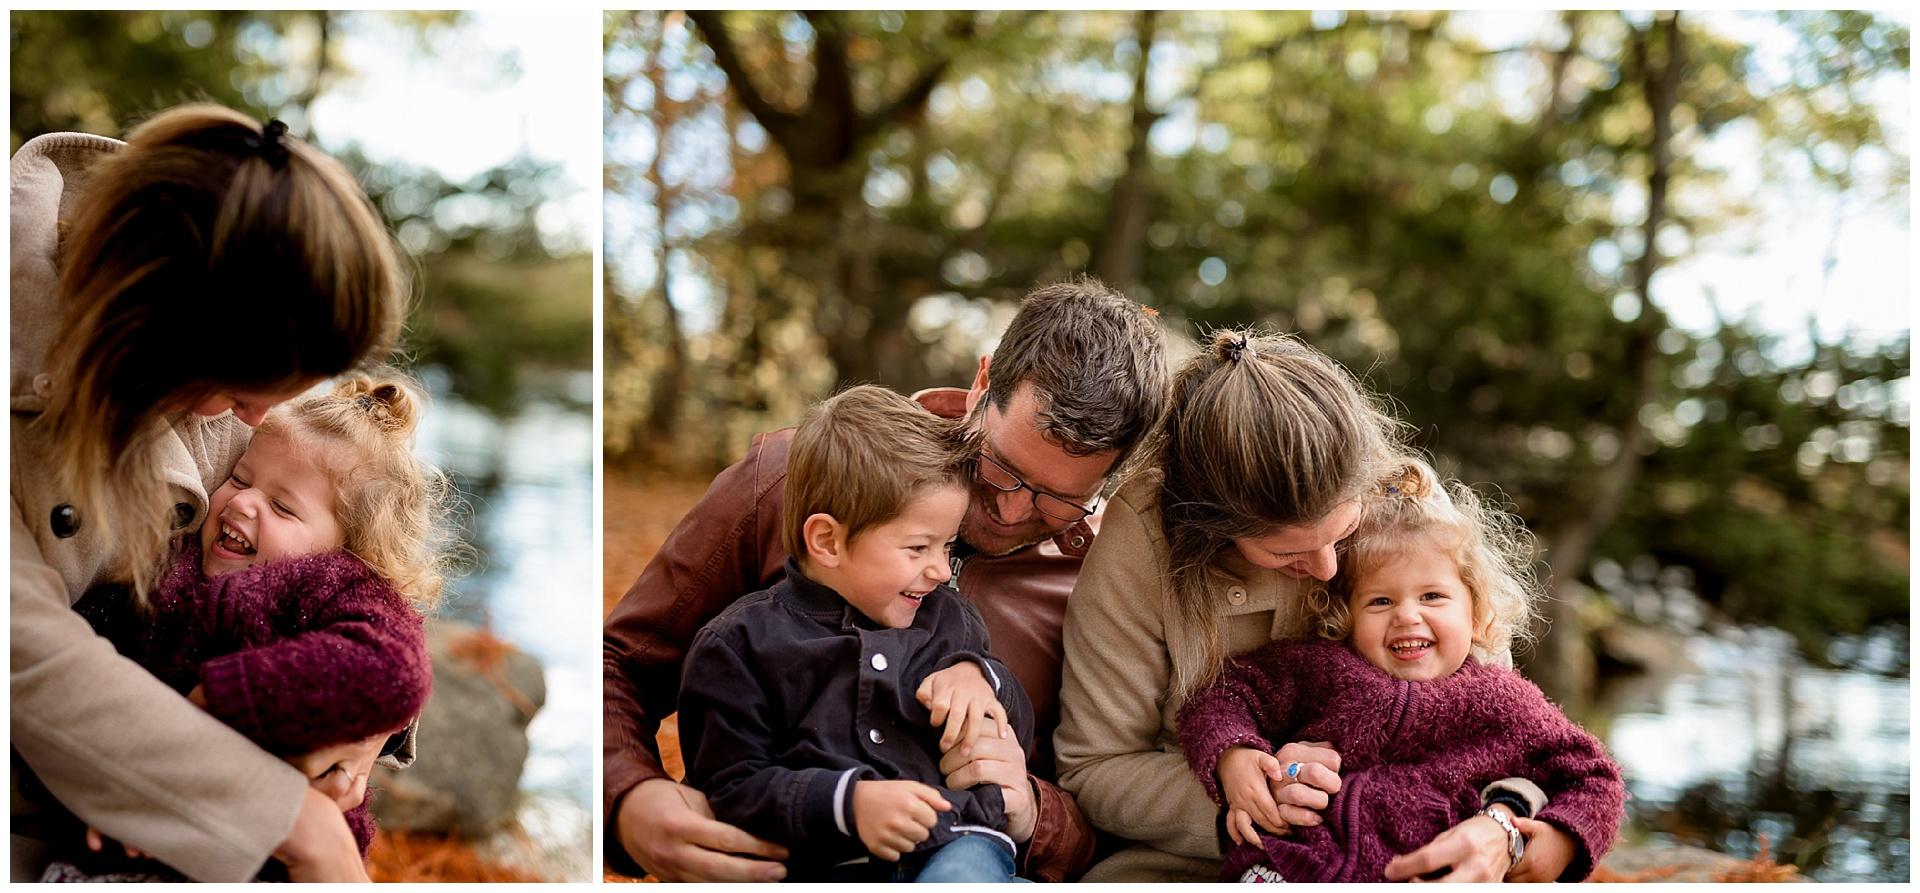 Séance Photo enfant bébé famille Le vesinet Chatou Yvelines Lifestyle Photographe